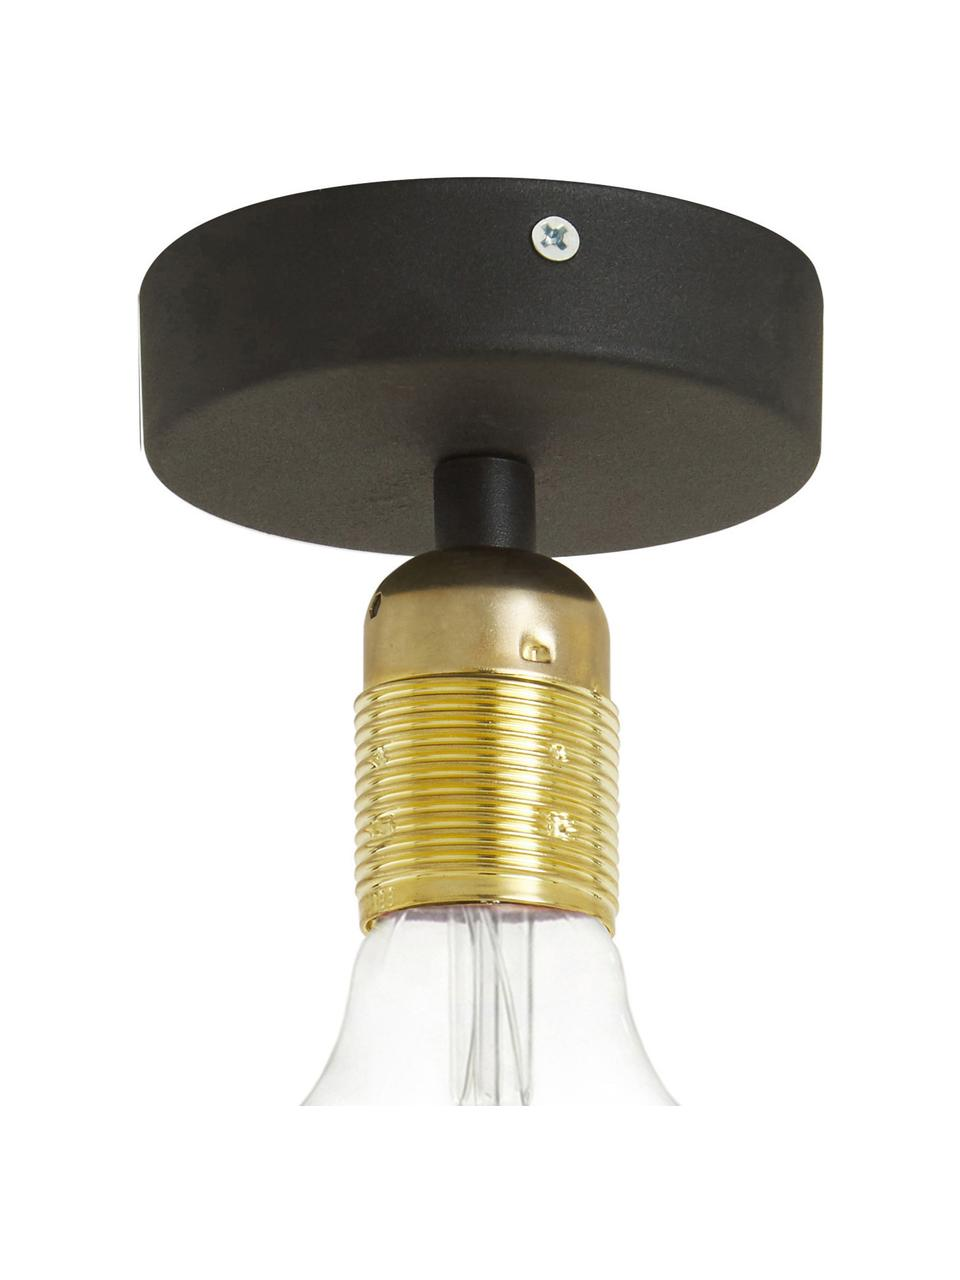 Kleine Deckenleuchte Uno in Gold, Baldachin: Metall, pulverbeschichtet, Schwarz, Messing, Ø 10 x H 10 cm